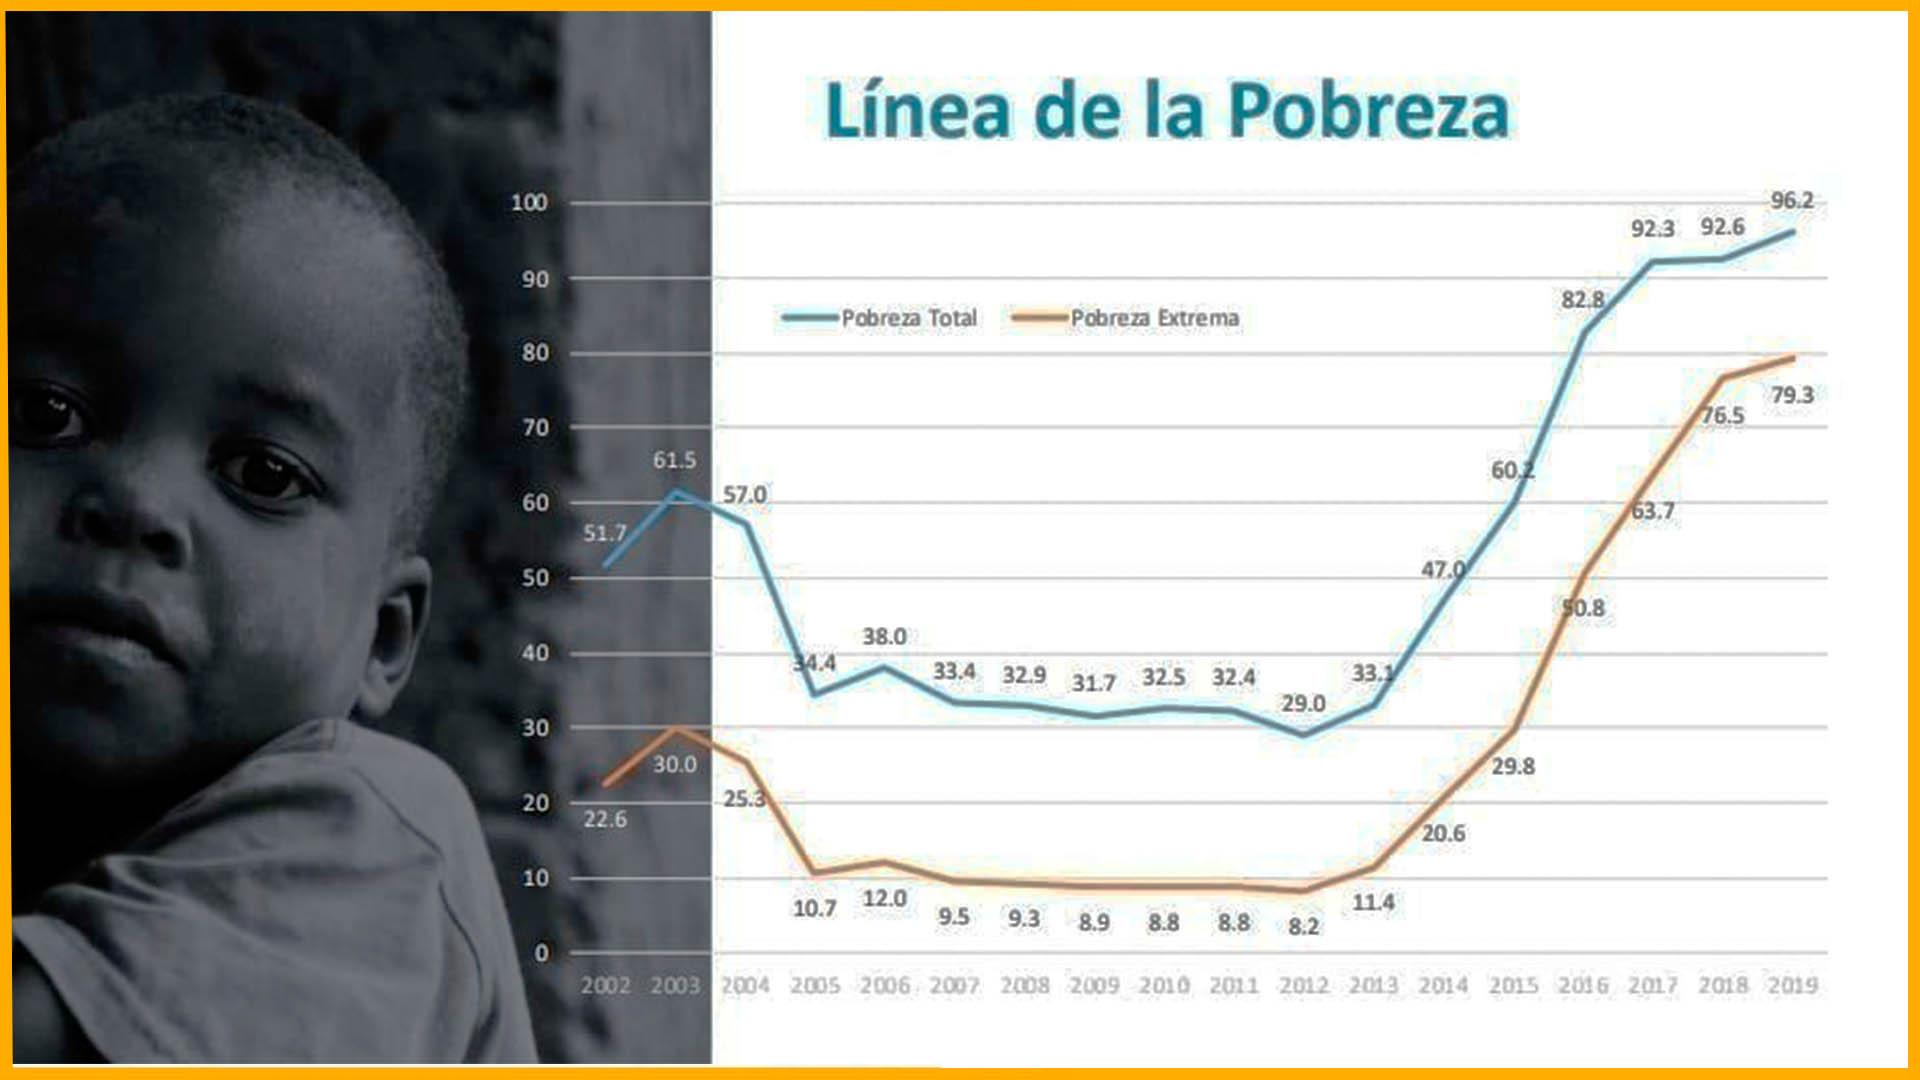 Línea de pobreza en Venezuela, según la encuesta ENCOV I, UCAB. La economía venezolana: balance 2020, perspectivas 2021, por Víctor Álvarez R.